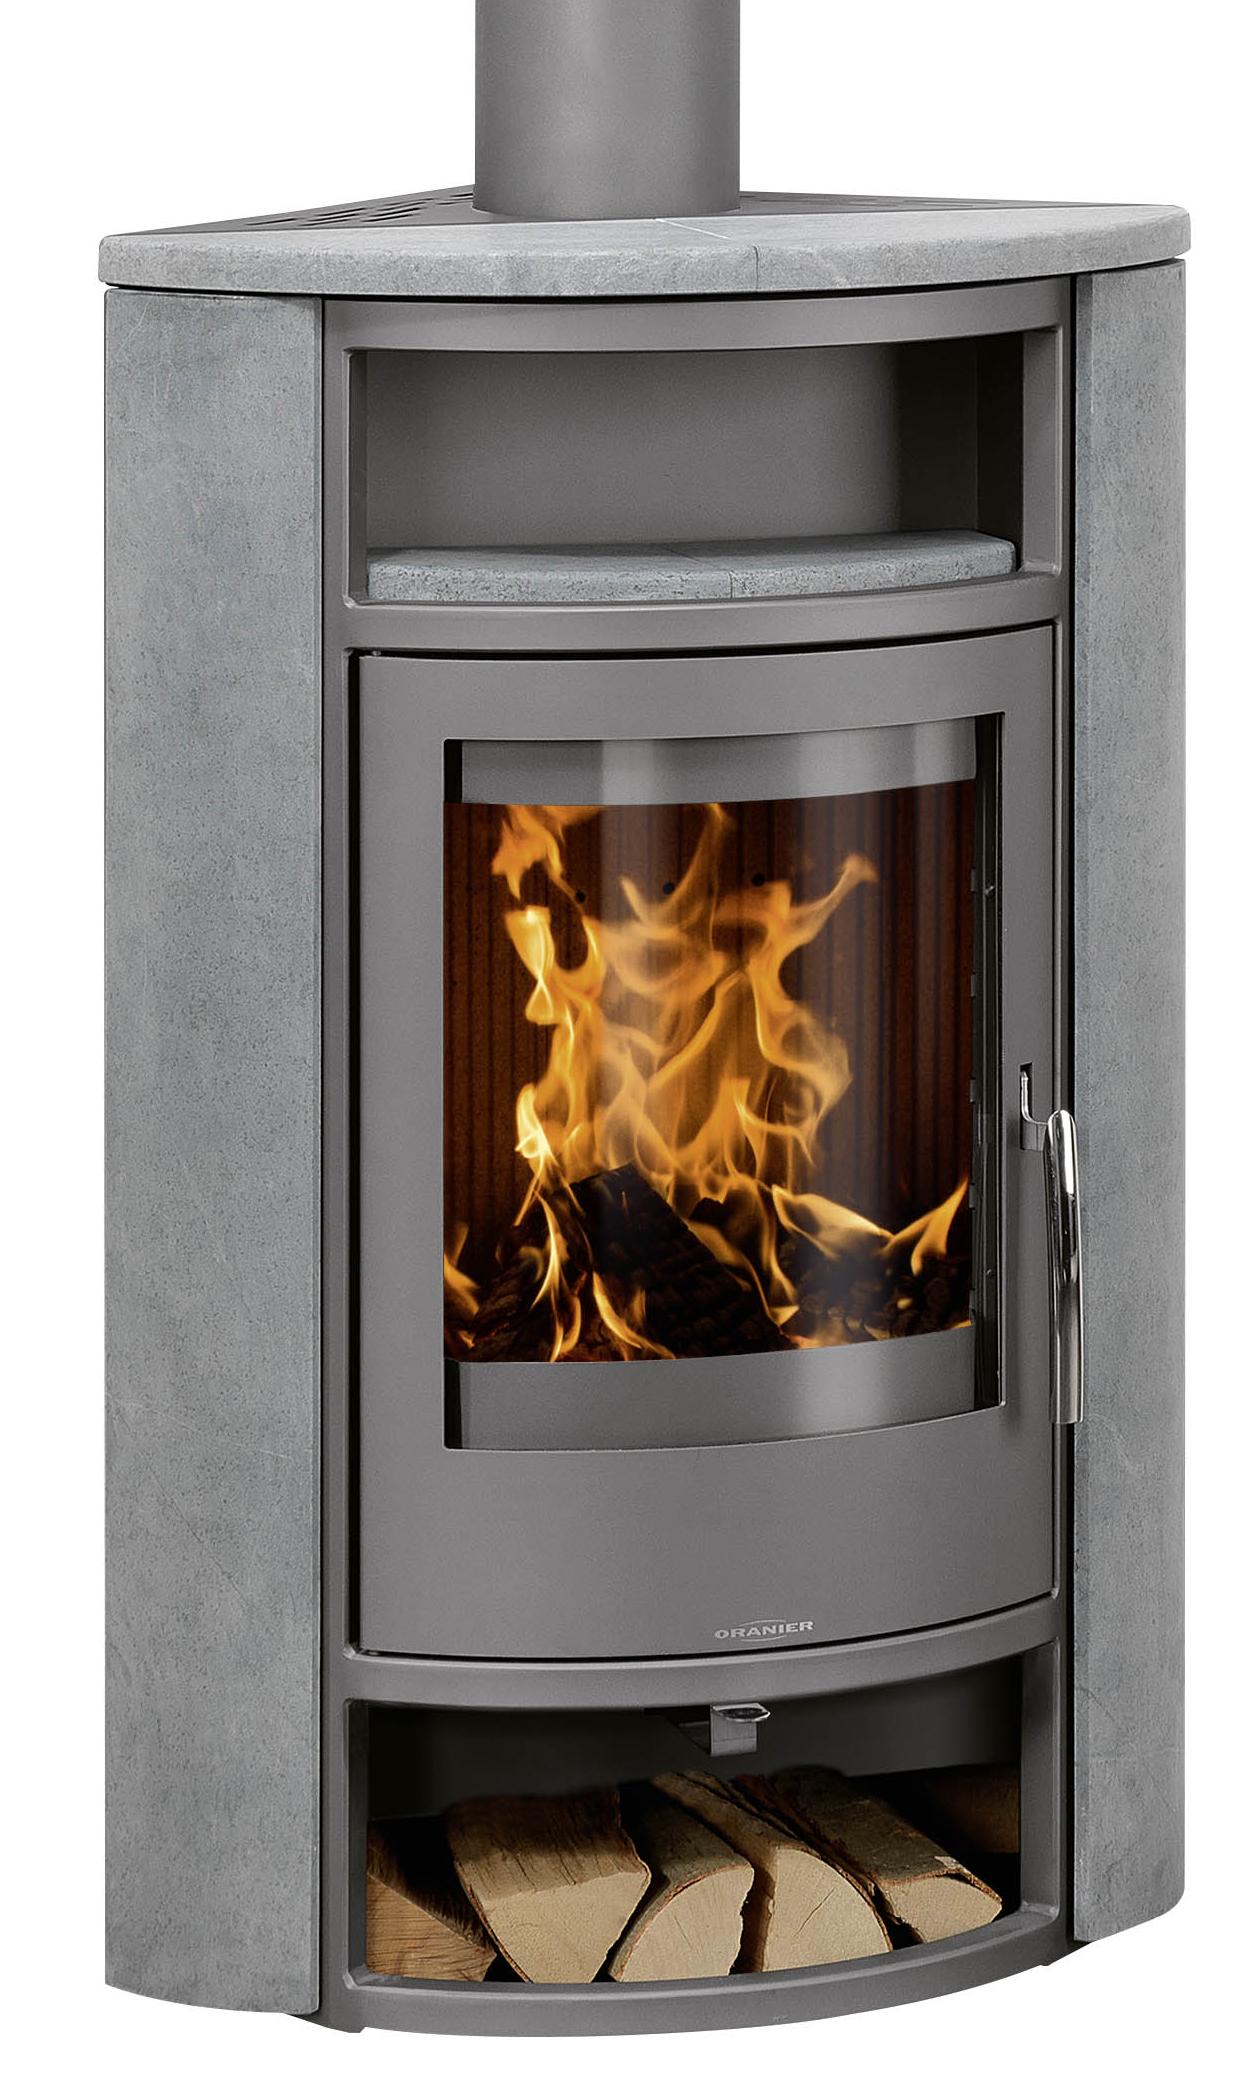 kaminofen oranier polar eck raumluftunanh ngig speckstein 6 5kw bei. Black Bedroom Furniture Sets. Home Design Ideas